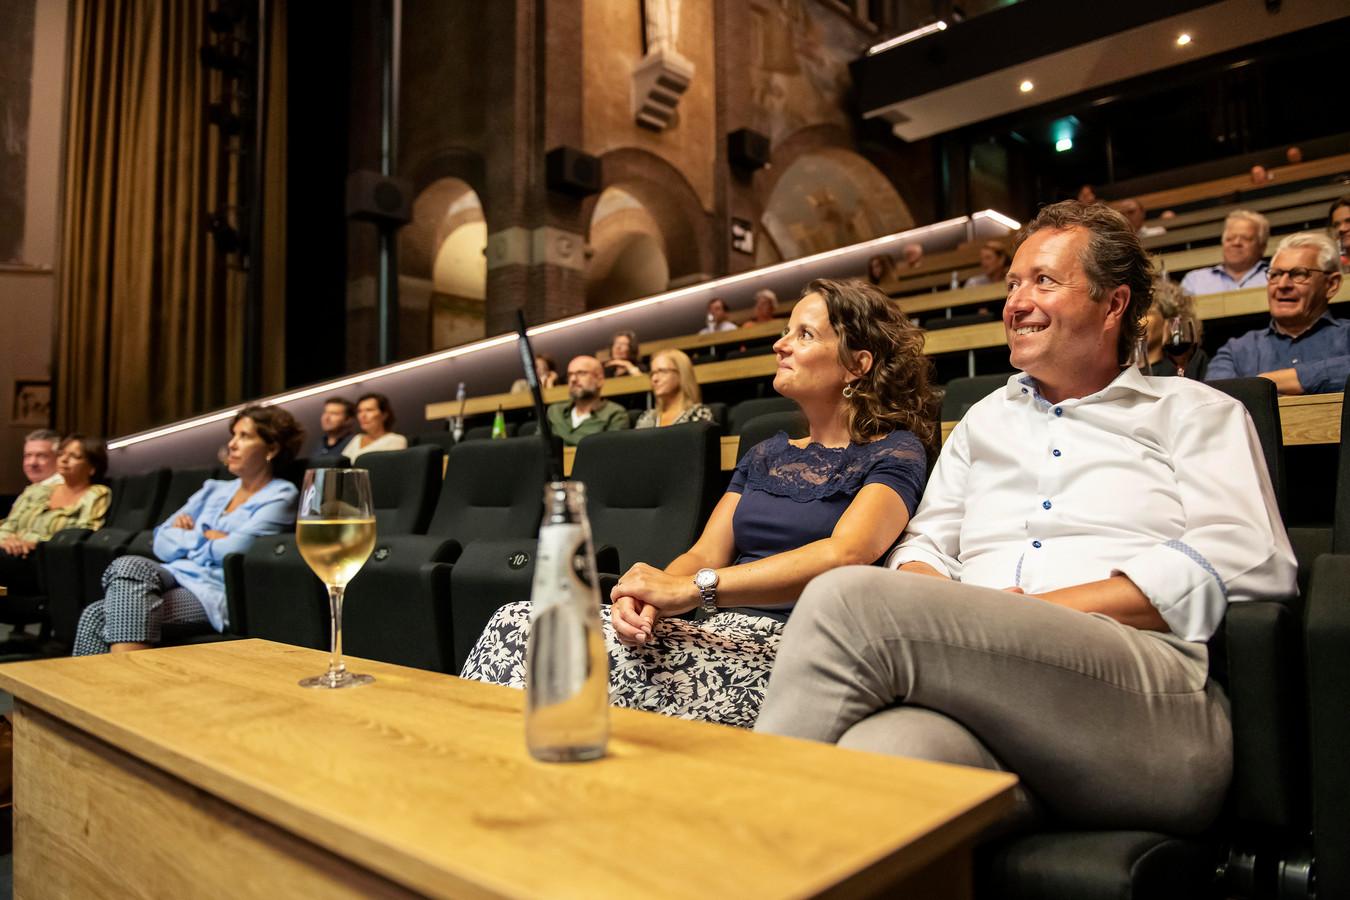 In de grote zaal van Het Speelhuis staan tafeltjes over de onbruikbare stoelen.